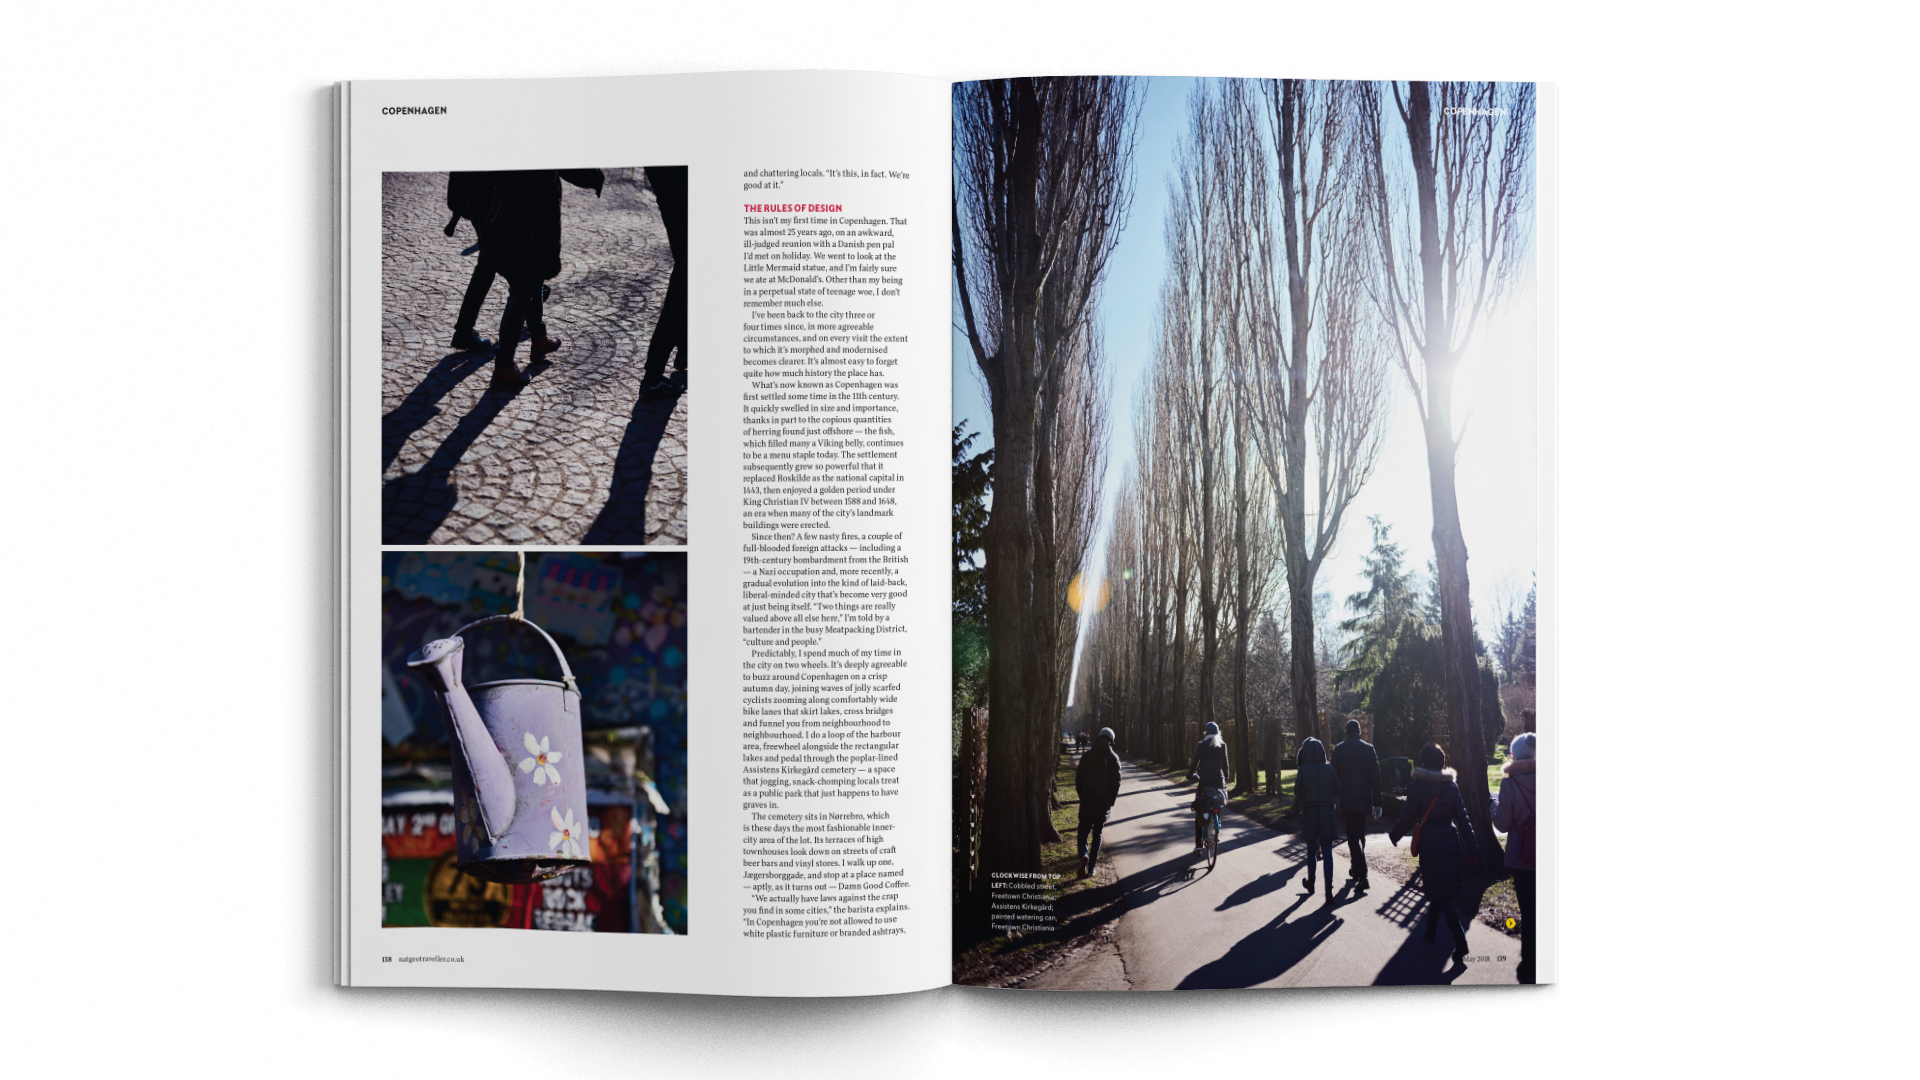 A4-Magazine-DPS-NGT-CL-Copenhagen-3